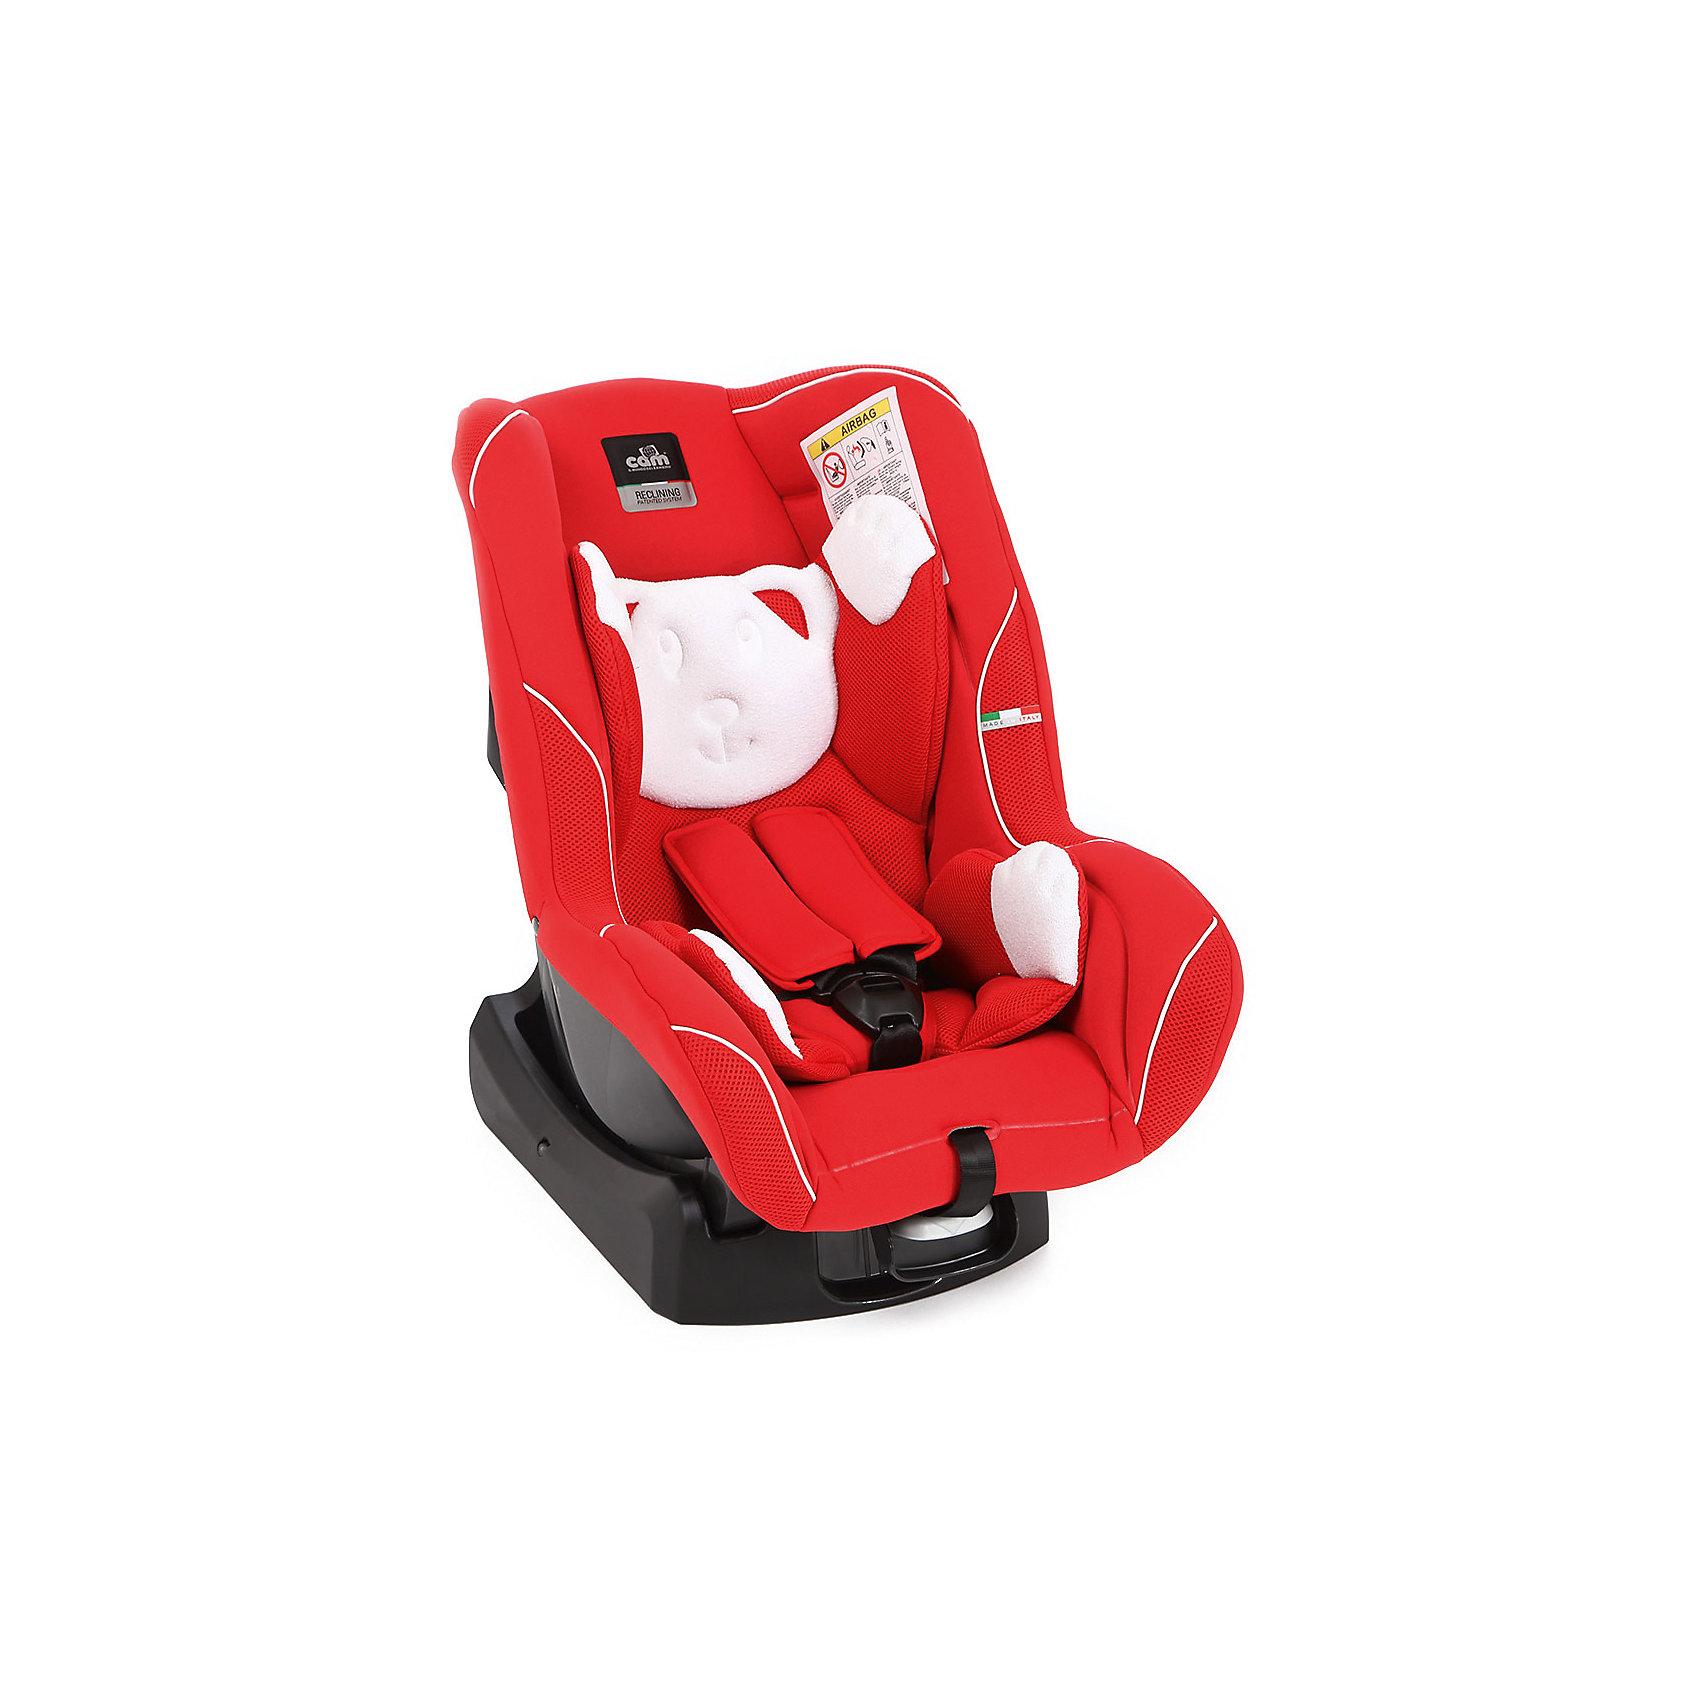 Автокресло с подголовником Auto Gara, 0-18 кг., CAM, красныйАвтокресло Auto Gara - прекрасный вариант для поездок и путешествий на автомобиле. Укрепленная анатомическая спинка, механизм регулировки высоты ремня и глубокая мягкая защита обеспечат малышу удобство и безопасность. Модель имеет прочную, устойчивую подставку, позволяющую устанавливать кресло не только в автомобиле, но и на любой другой горизонтальной поверхности. Спинка регулируется в 5 положениях, что позволяет креслу адаптироваться под наклон сидений автомобиля. Модель имеет внутренние 5- титочечные ремни безопасности с мягкими внутренними накладками для еще большего комфорта. Съемный износостойкий  чехол выполнен из гипоаллергенных материалов, прекрасно стирается в машине или же руками.<br><br>Дополнительная информация:<br><br>- Материал: пластик, текстиль.<br>- Вес ребенка: 0-18 кг. ( 0-4 года).<br>- Группа 0+/1.<br>- Размер: 60х43х61 см.<br>- Регулировка ремней и плечевых лямок.<br>- 5- титочечные ремни безопасности.<br>- Ортопедическая спинка.<br>- Цвет: красный. <br>- Стирка: ручная, машинная ( при 30 ? ).<br>- Способ установки: по ходу/против хода движения.<br><br>Автокресло Auto Gara, 0-18 кг., CAM, красное  можно купить в нашем магазине.<br><br>Ширина мм: 890<br>Глубина мм: 600<br>Высота мм: 420<br>Вес г: 6600<br>Цвет: красный<br>Возраст от месяцев: 0<br>Возраст до месяцев: 48<br>Пол: Унисекс<br>Возраст: Детский<br>SKU: 4089090